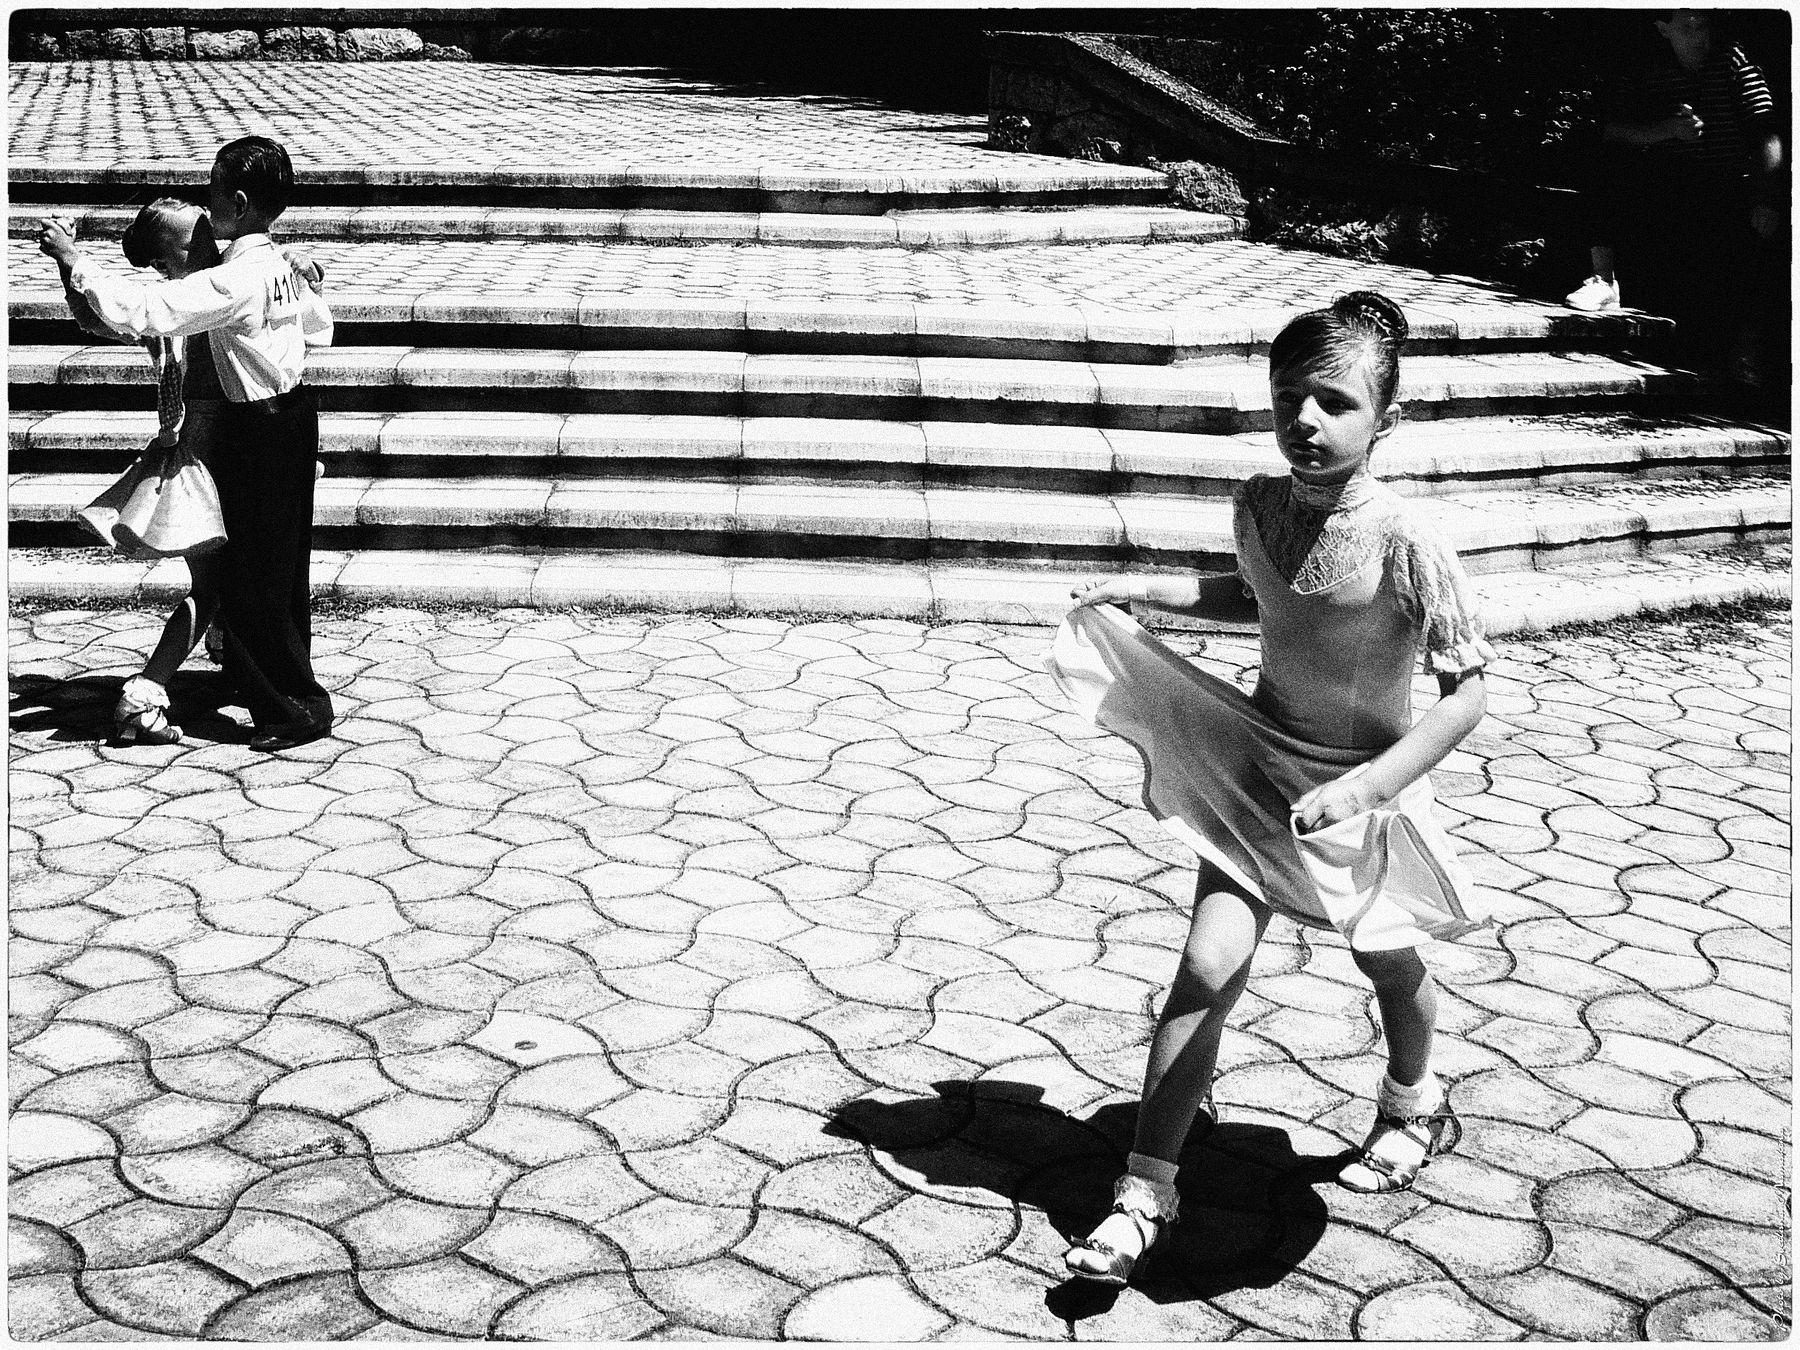 *Движение в размере на три четверти* фотография путешествие лето танец вальс дети жанр Фото.Сайт Светлана Мамакина Lihgra Adventure